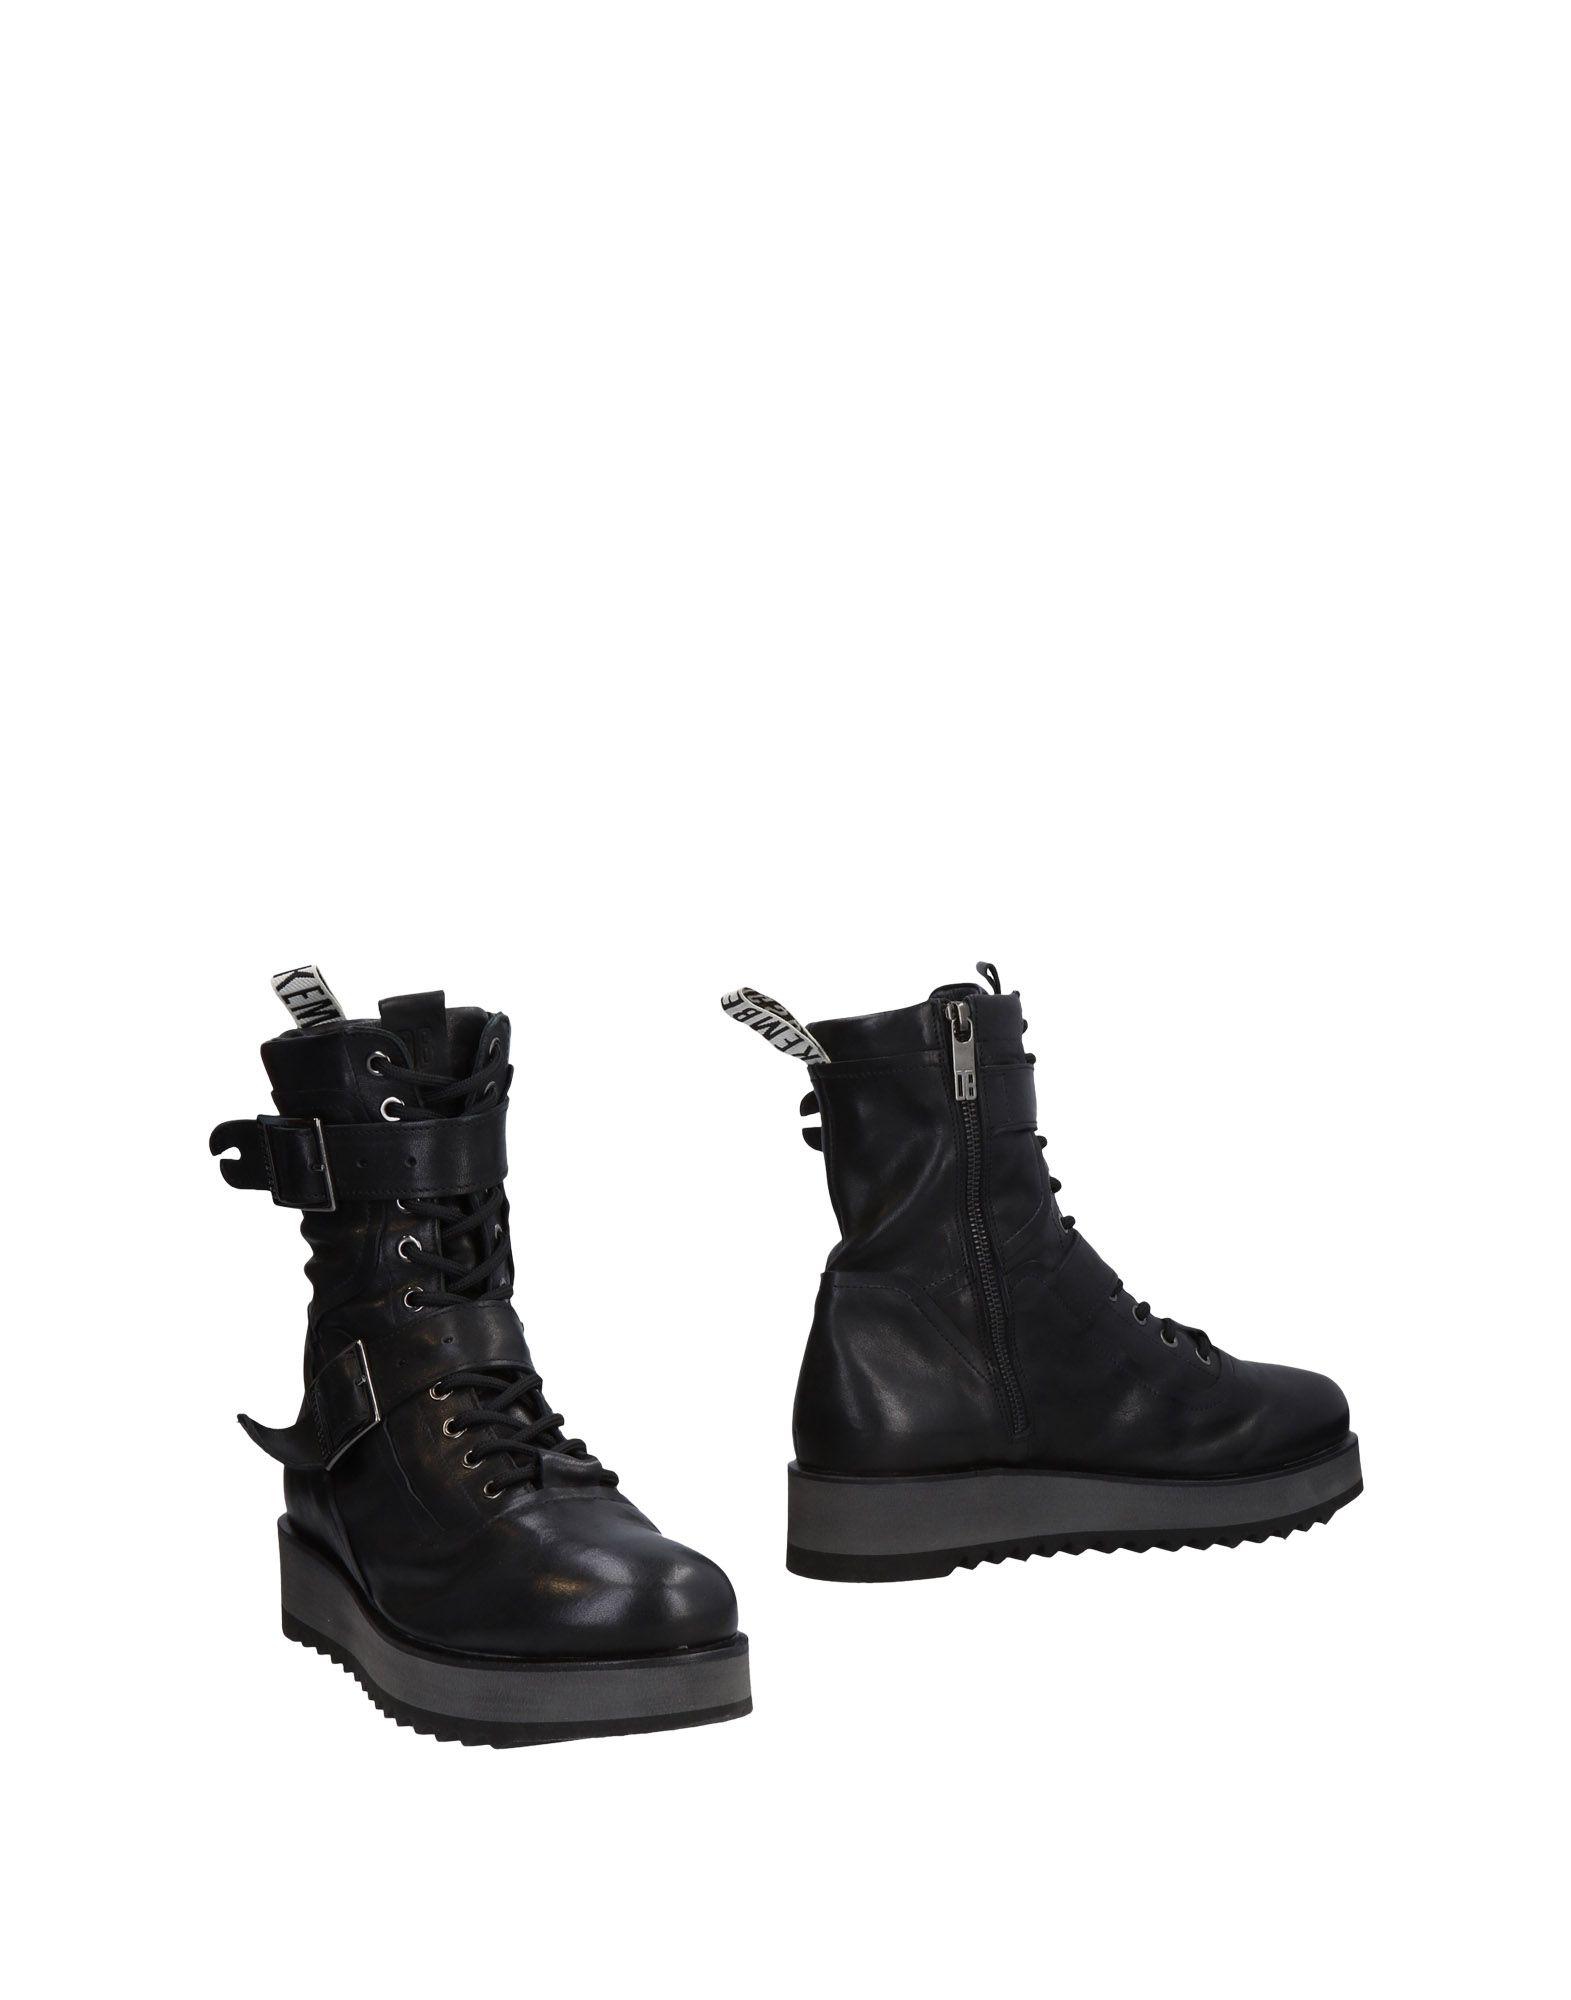 Dirk Bikkembergs Stiefelette Herren  11461448EH Gute Qualität beliebte Schuhe